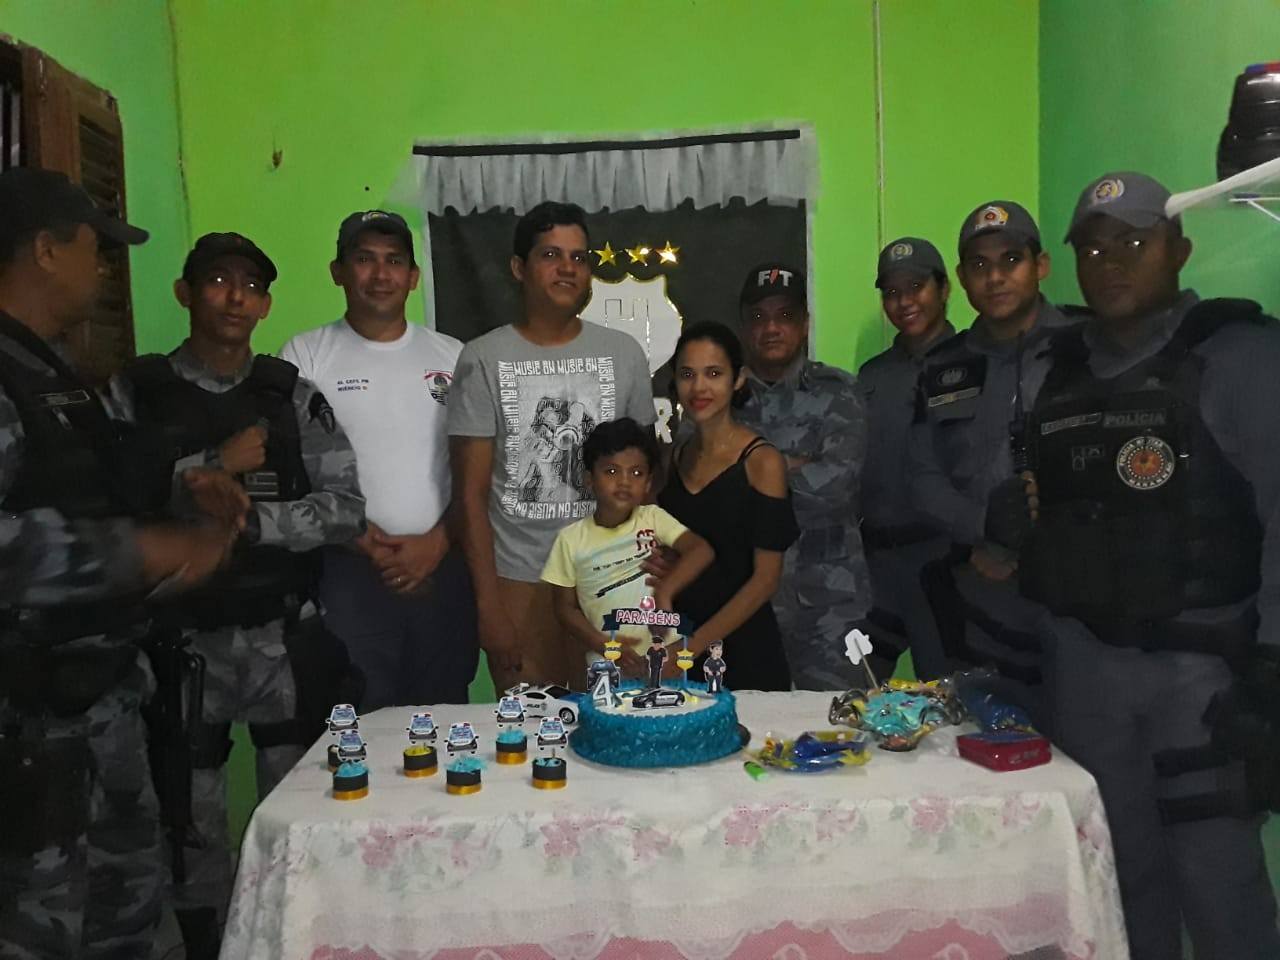 Batalhão promove festa surpresa para criança fã da PM no MA: 'Ficou muito feliz'